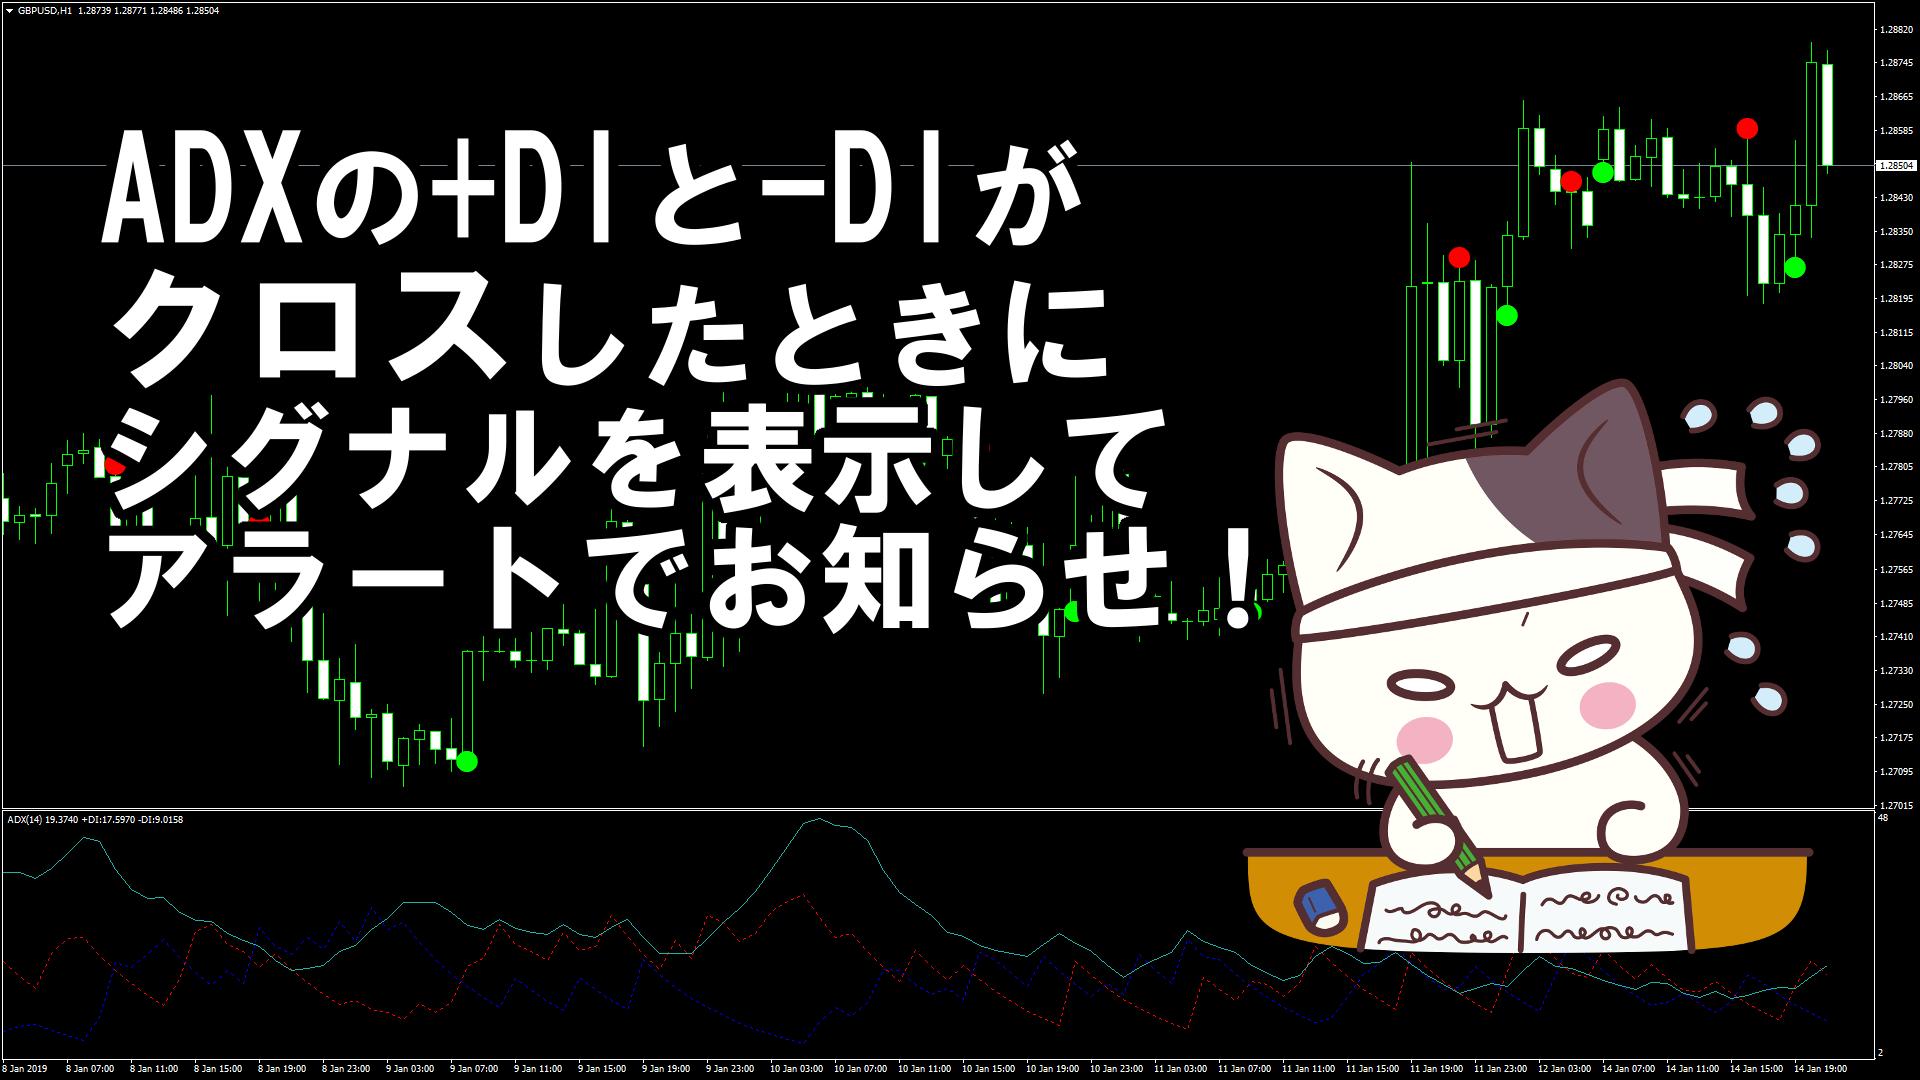 ADXの+DIと-DIがクロスしたときにシグナルを表示しアラートでお知らせしてくれるMT4インジケーター『ADX Crossing v.2.0』